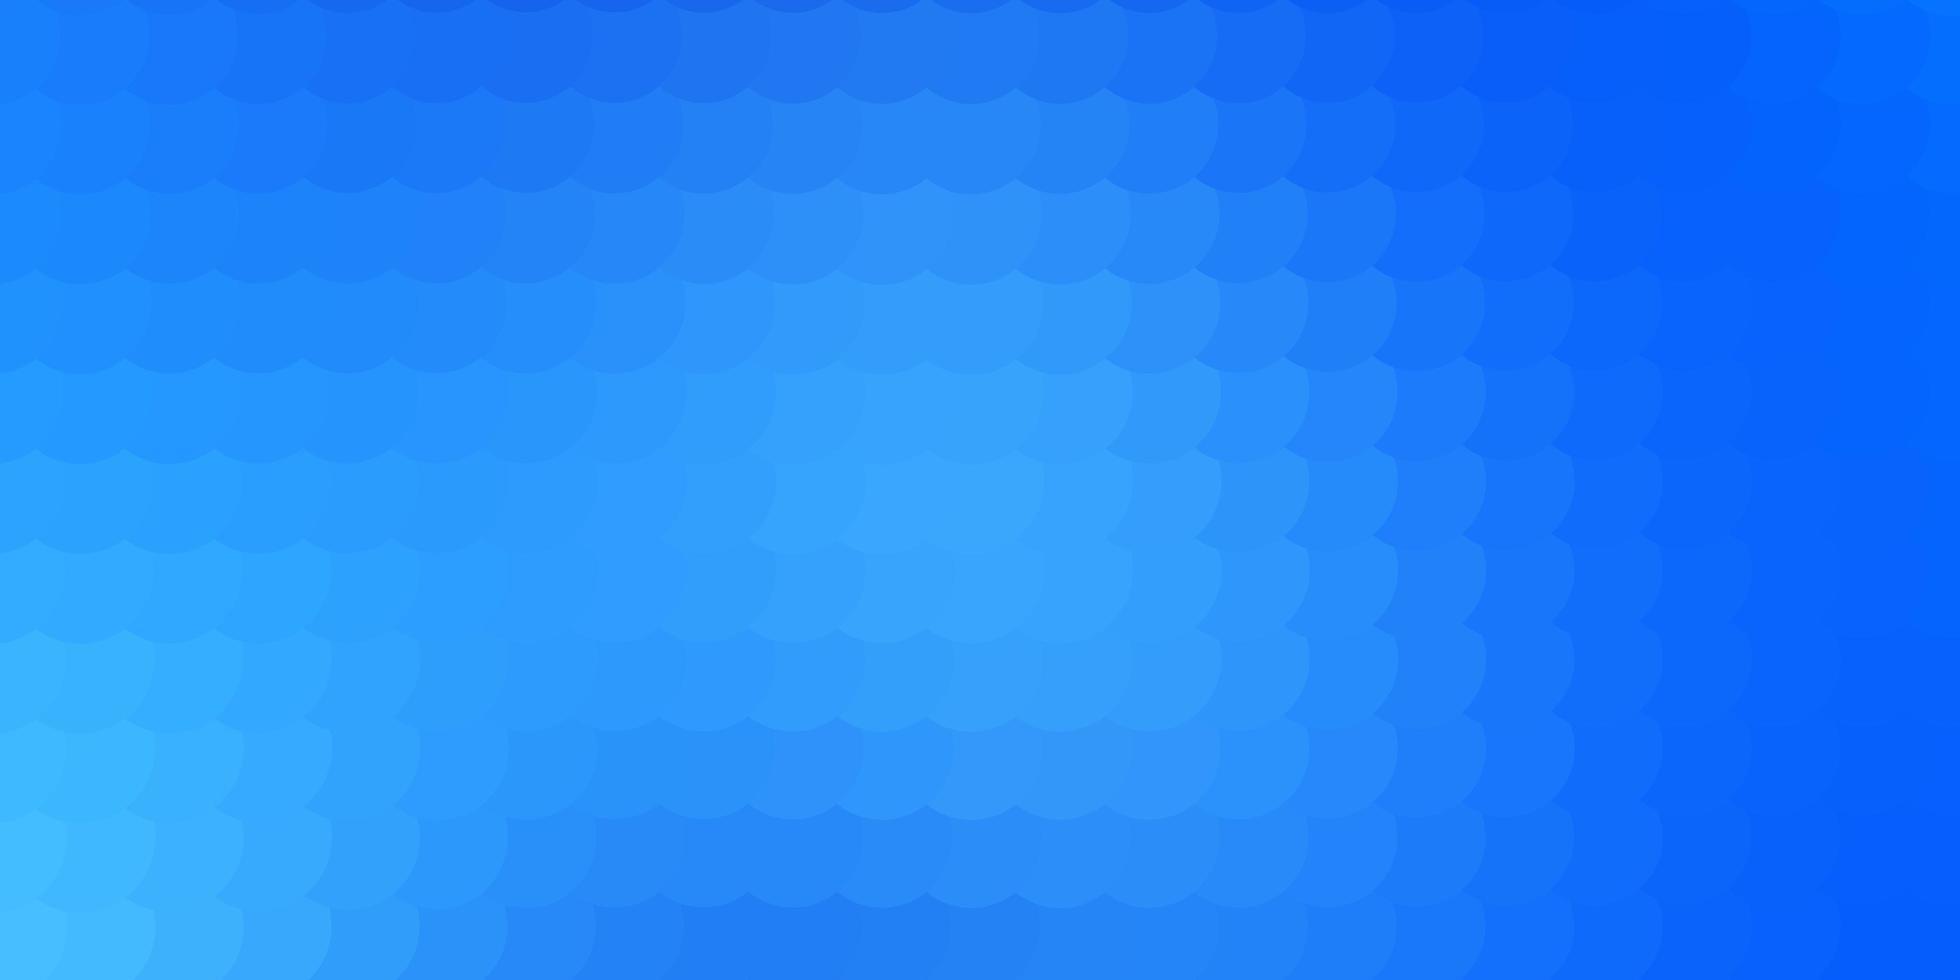 fond de vecteur bleu clair avec des cercles